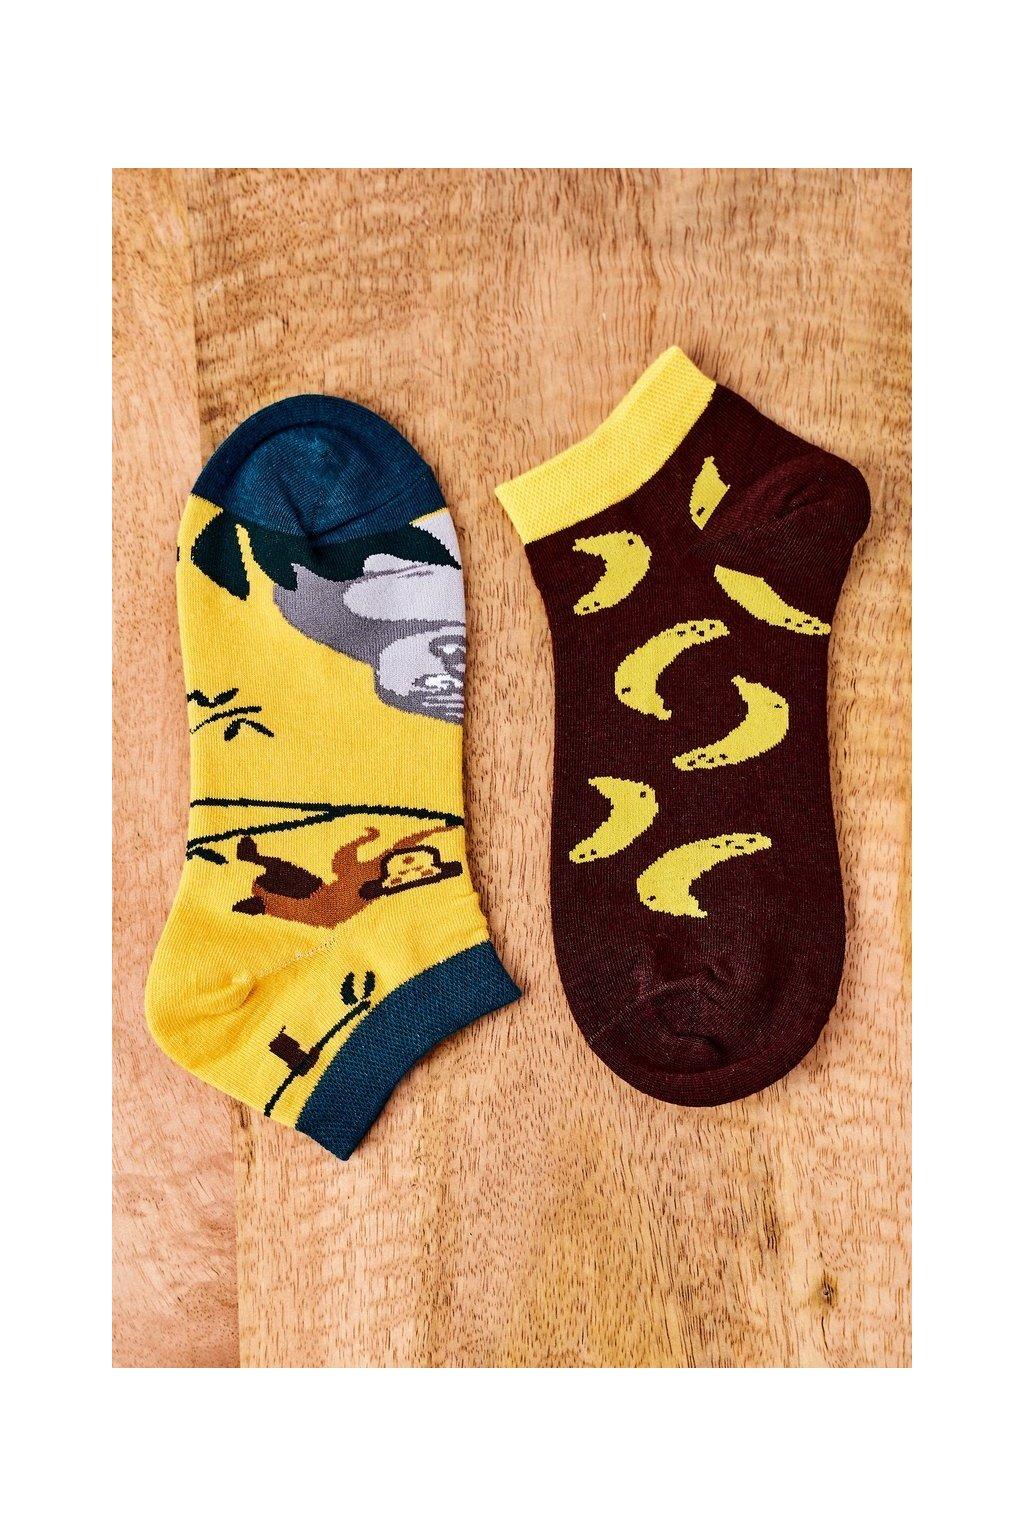 Dámske ponožky farba hnedá kód SK02870-2 BANANY MAŁPA